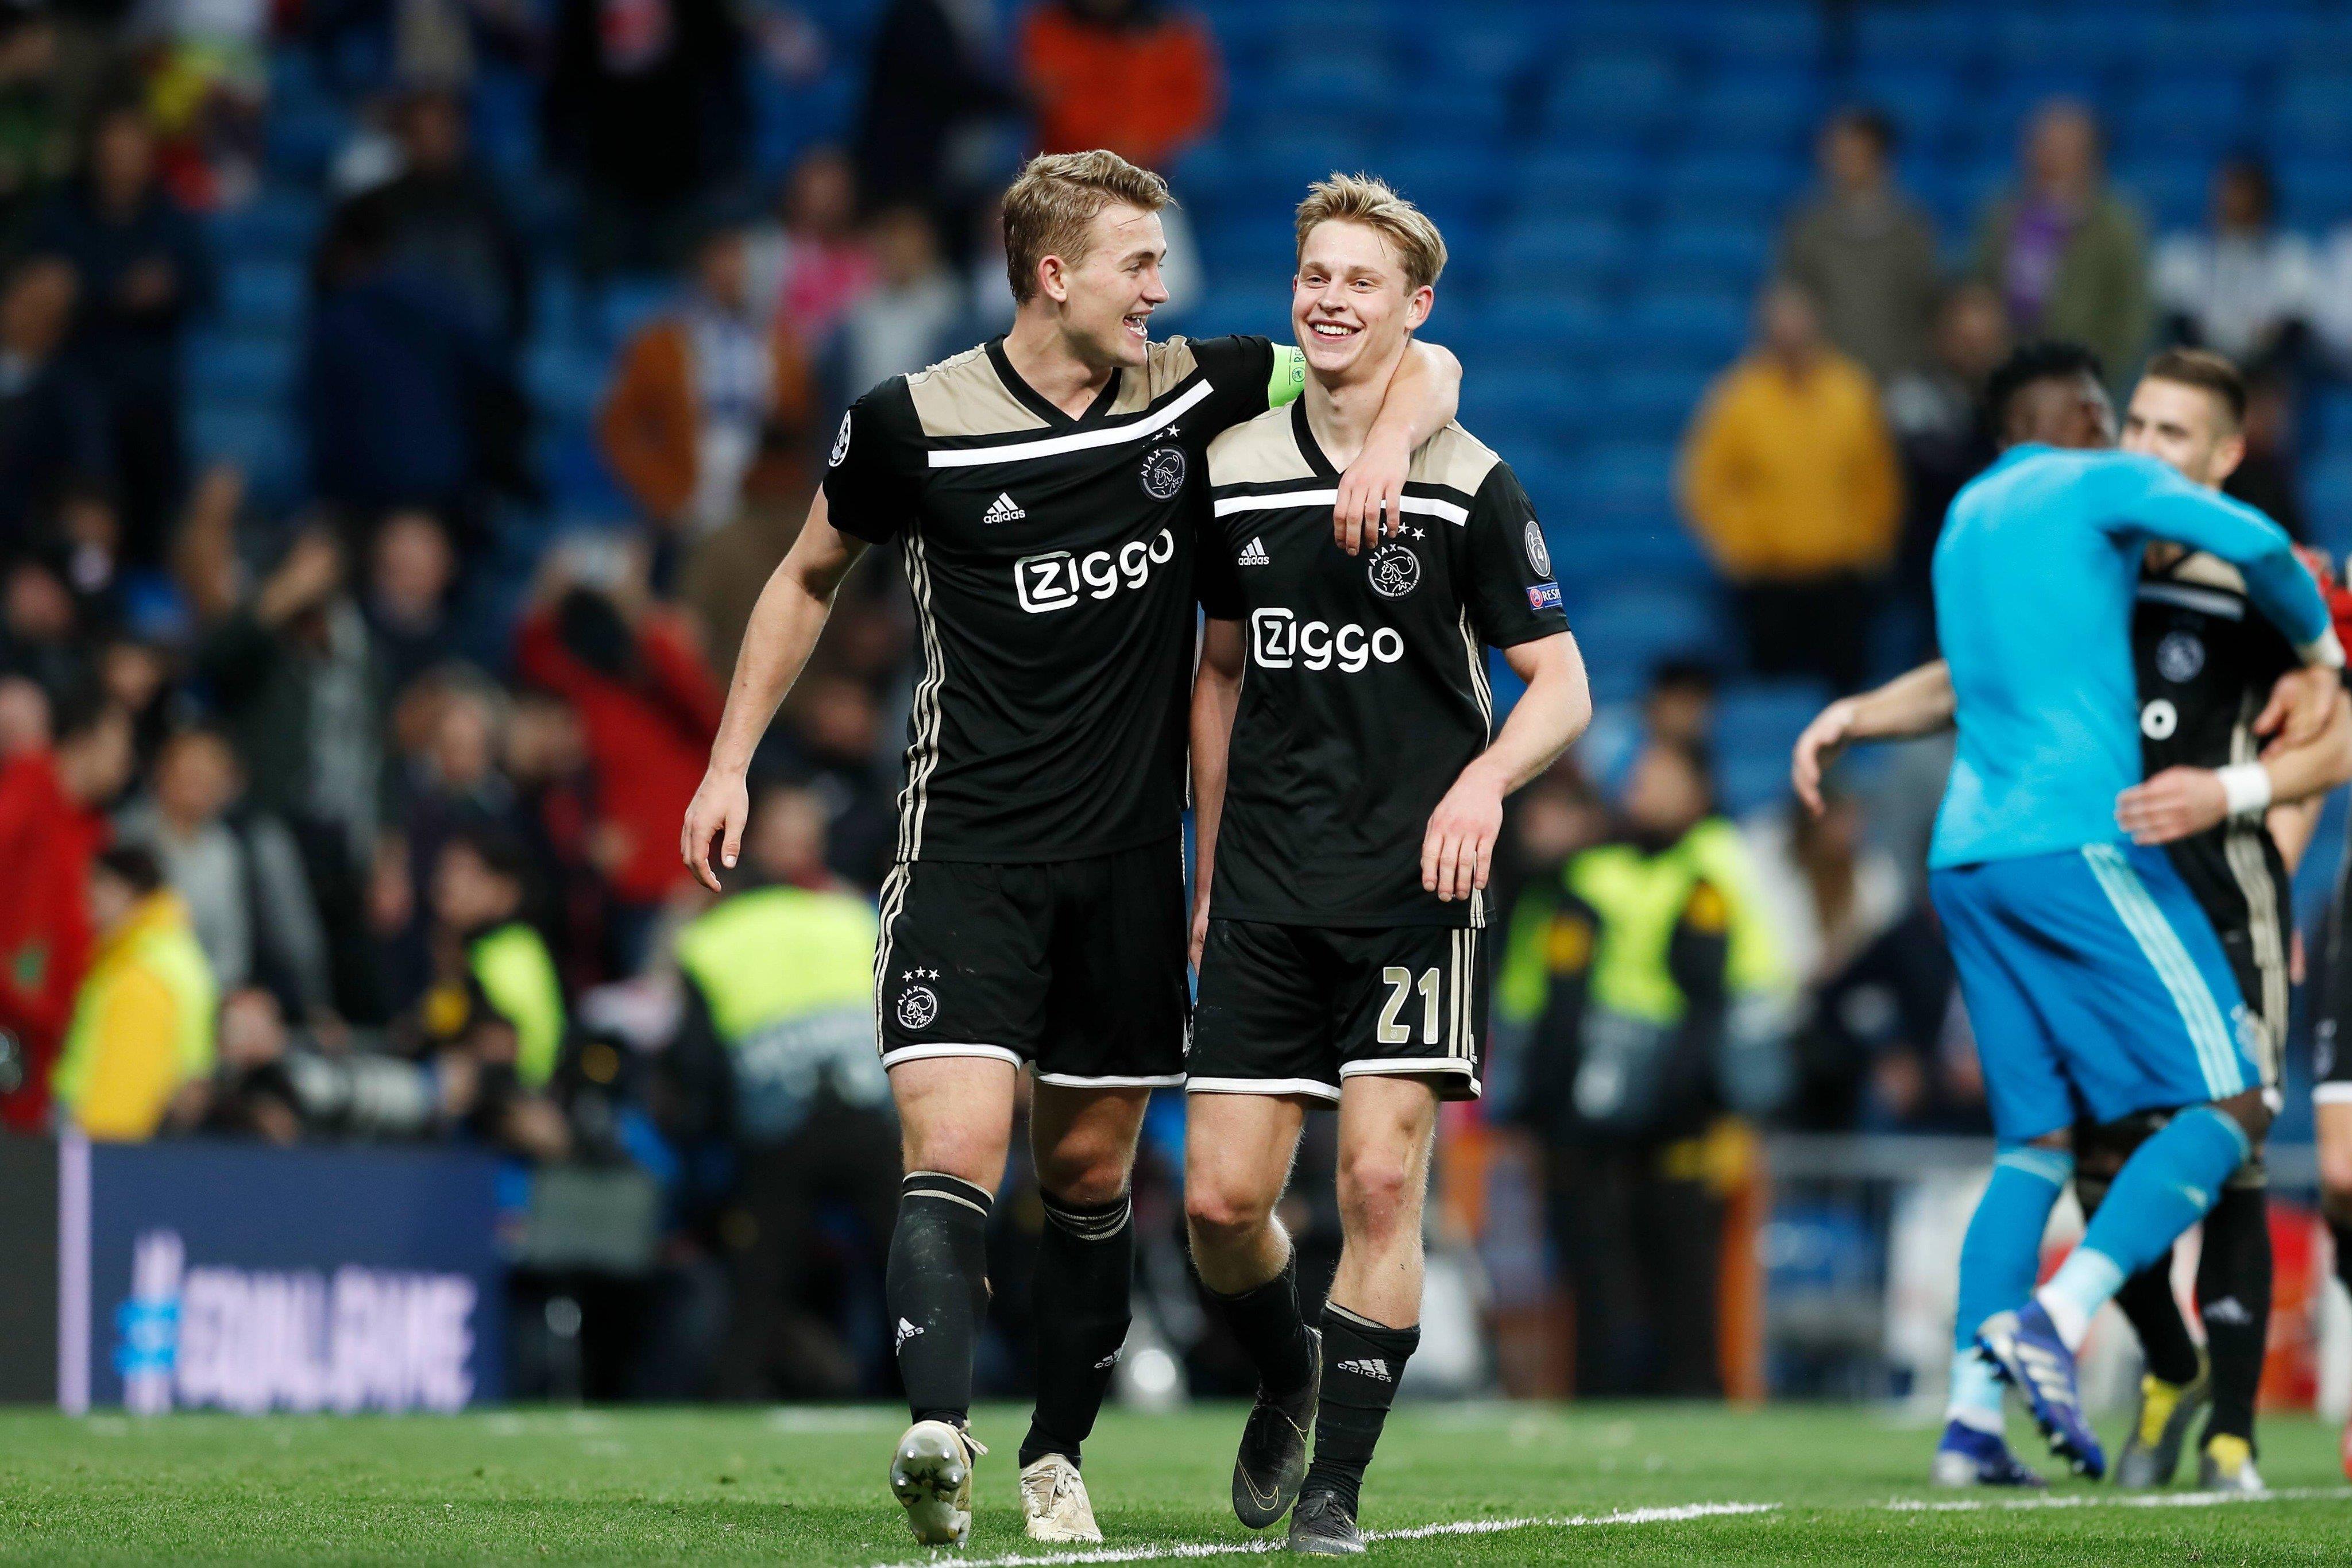 De Ligt và Frenkie De Jong, đại diện cho sức trẻ của Ajax và của cả nền bóng đá Hà Lan. Ảnh: Getty.